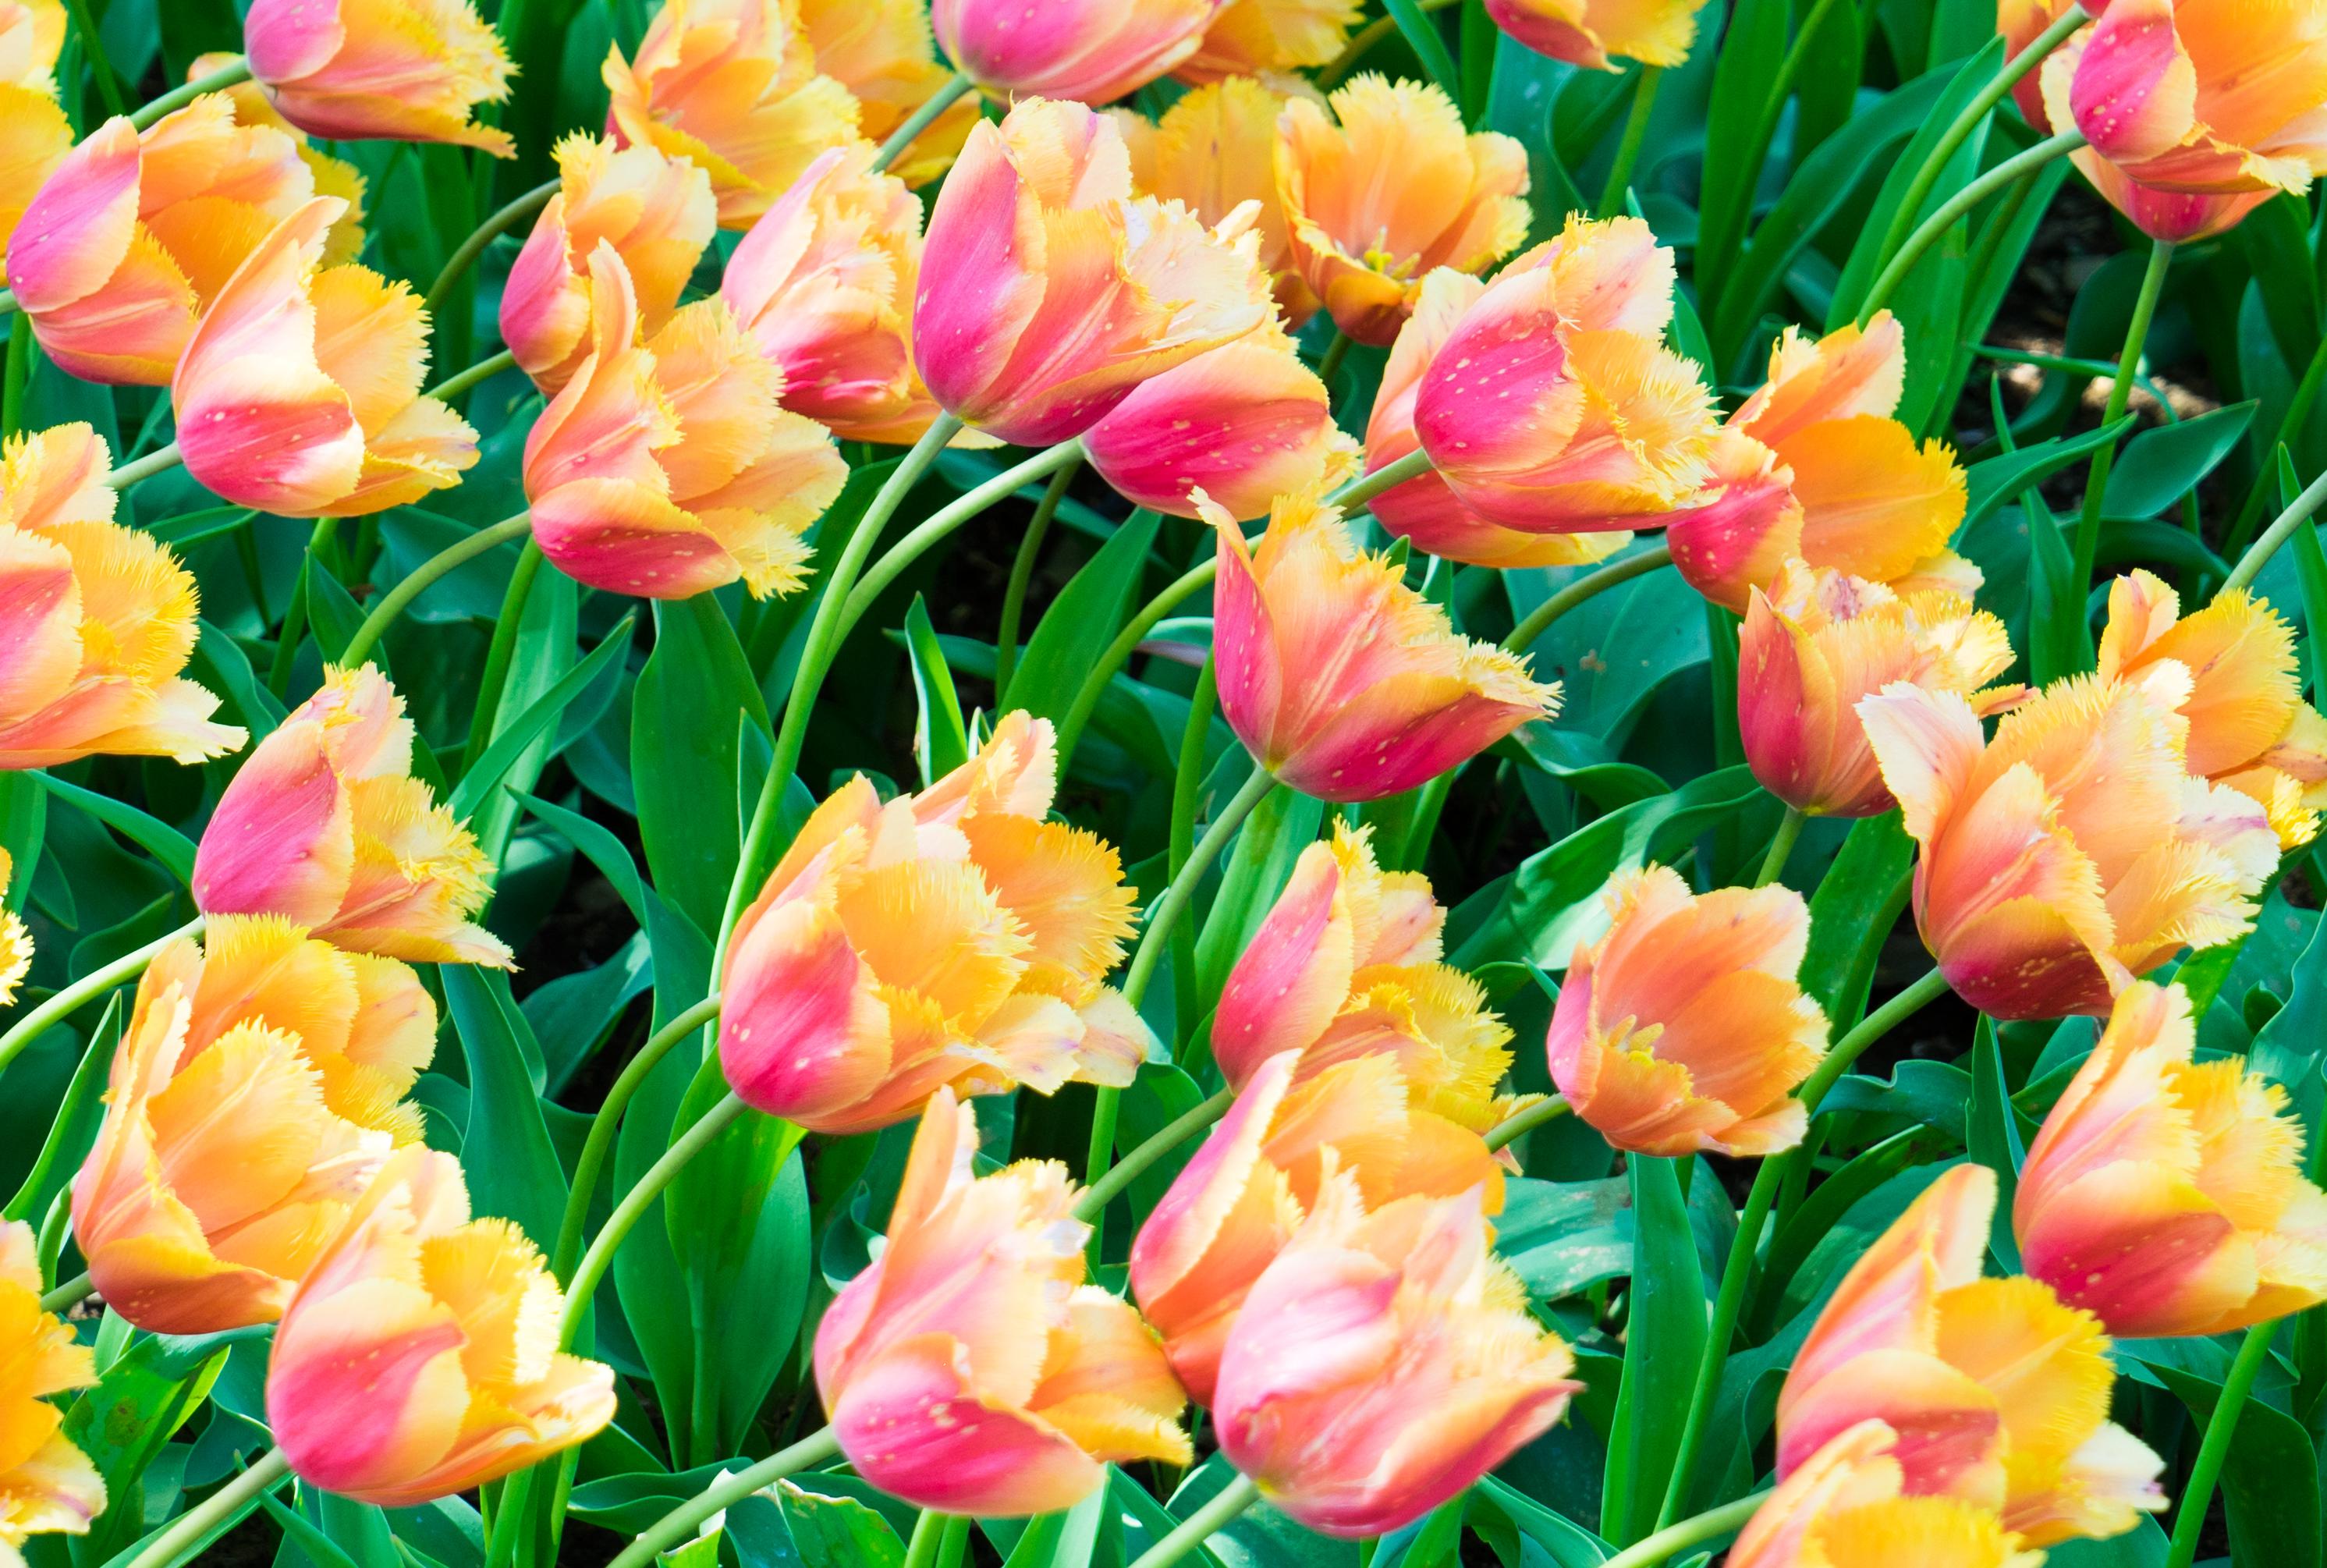 124258 скачать обои Цветы, Растения, Тюльпаны, Листья - заставки и картинки бесплатно